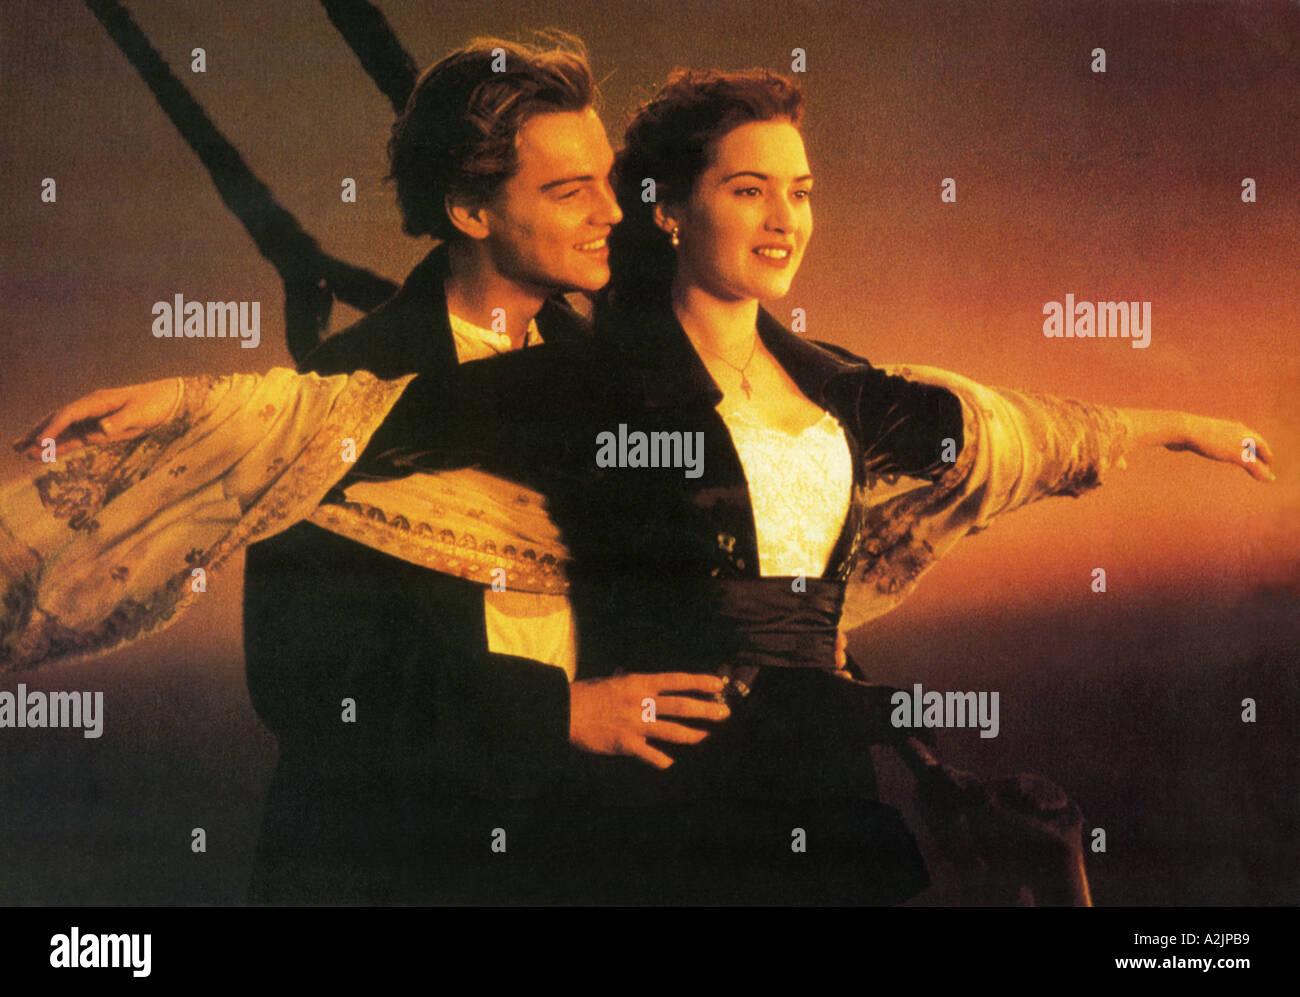 TITANIC vencedora de Oscar 1997 filme protagonizado por Leonardo DiCaprio e Kate Winslet Imagens de Stock